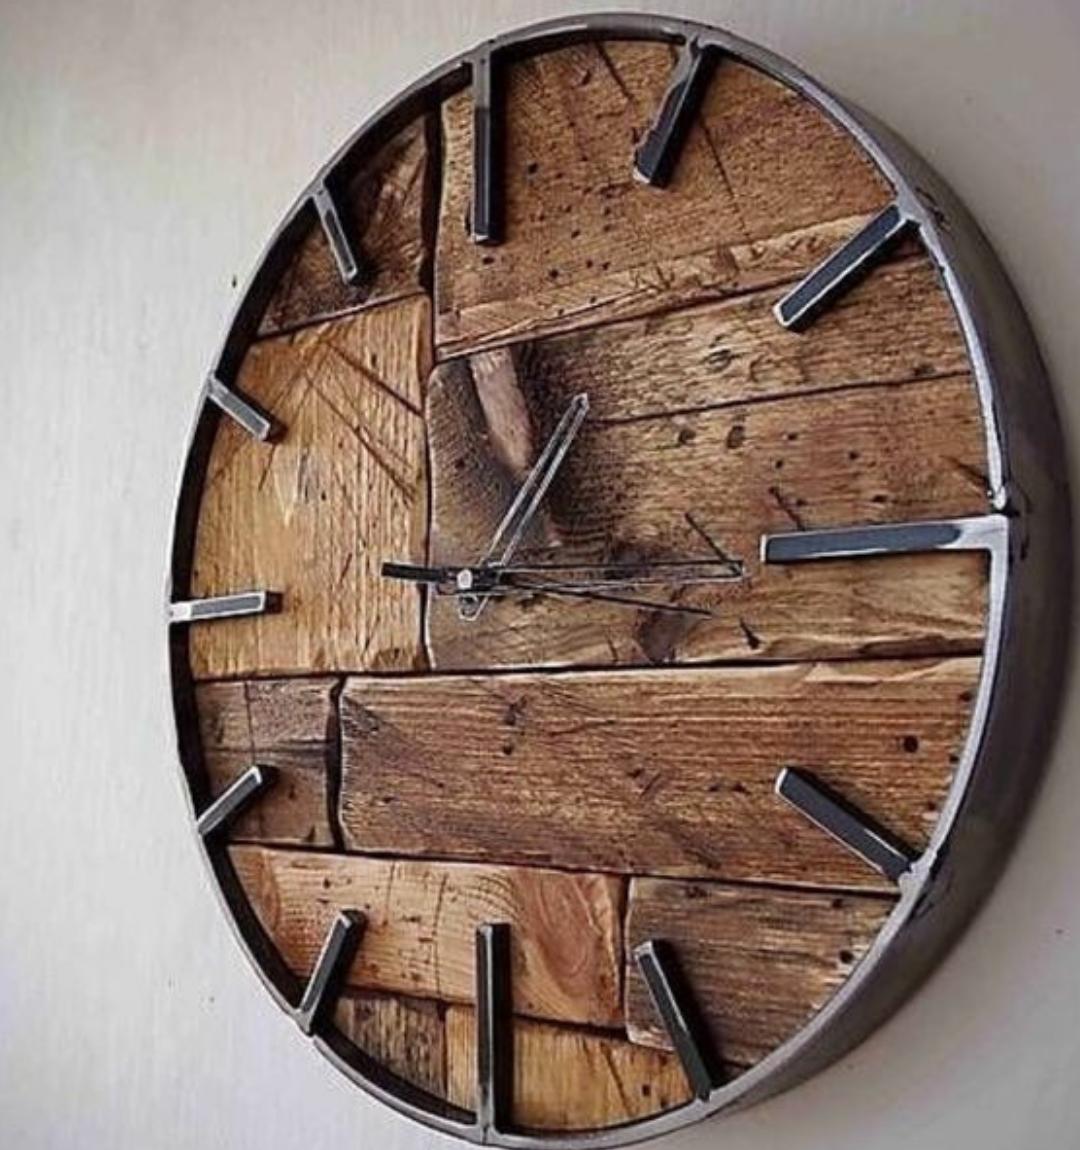 Best Wall Clocks Decor Tattoo Diy Art Big Drawing Design